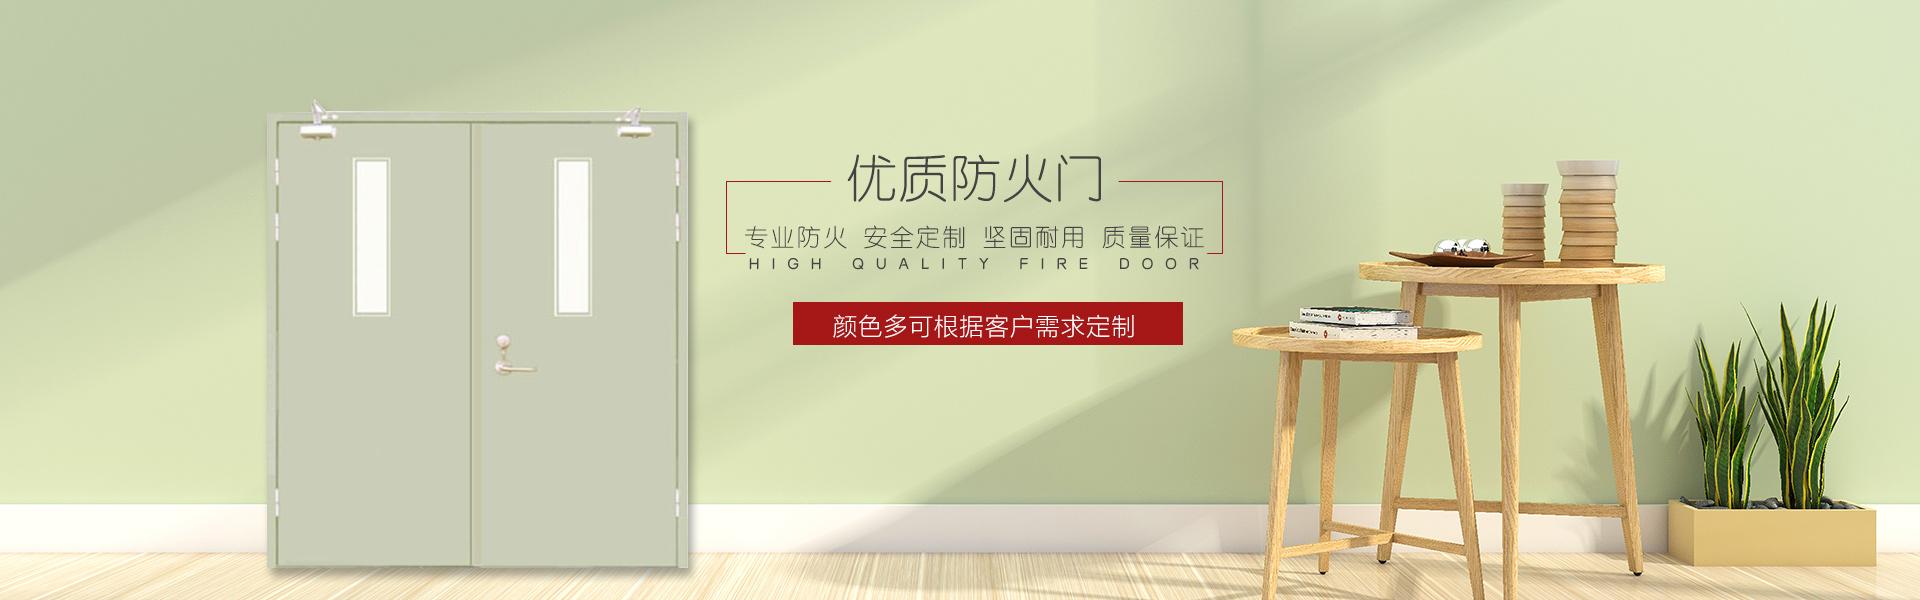 重庆防火门定制